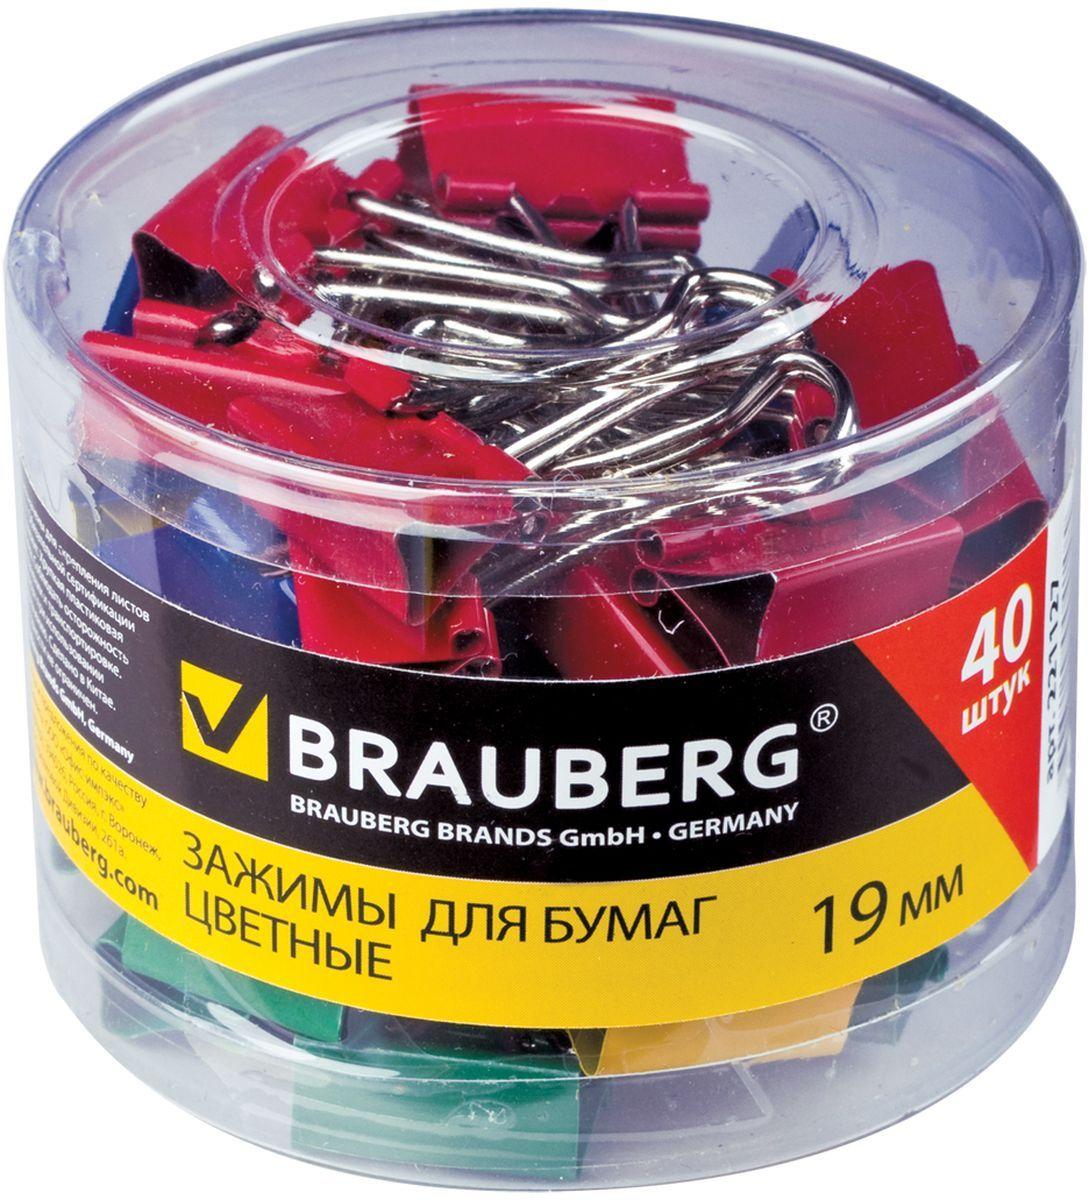 Brauberg Зажим для бумаг 19 мм 40 штFS-00103Зажимы для бумаг Brauberg предназначены для скрепления документов без использования степлера. В коробке представлены зажимы красного, желтого, зеленого, синего и белого цветов. Скрепляют до 60 листов.